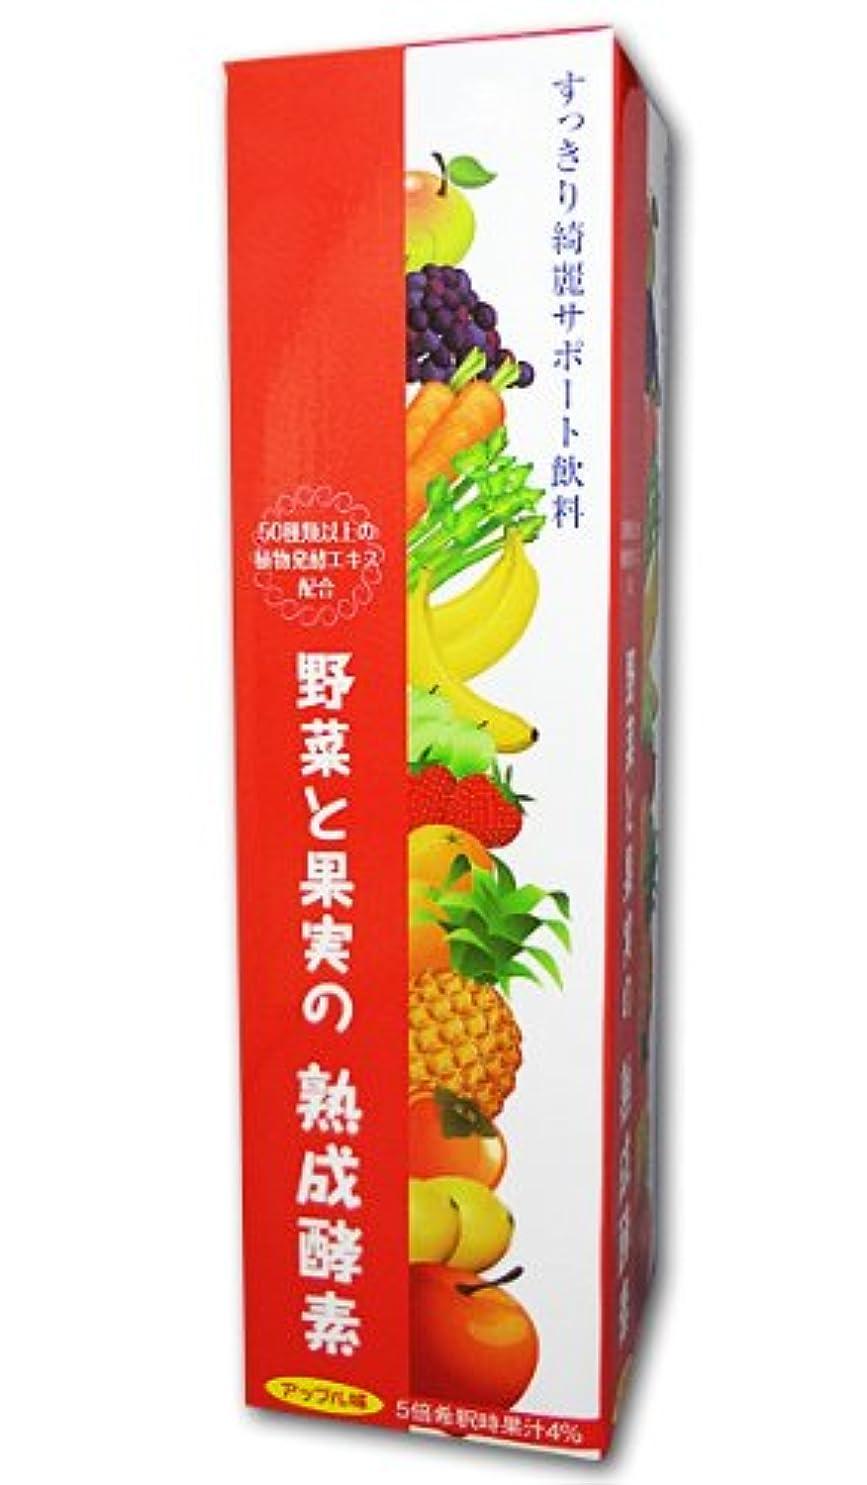 追い越す瞬時に外側リケン 野菜と果実の熟成酵素 720ml